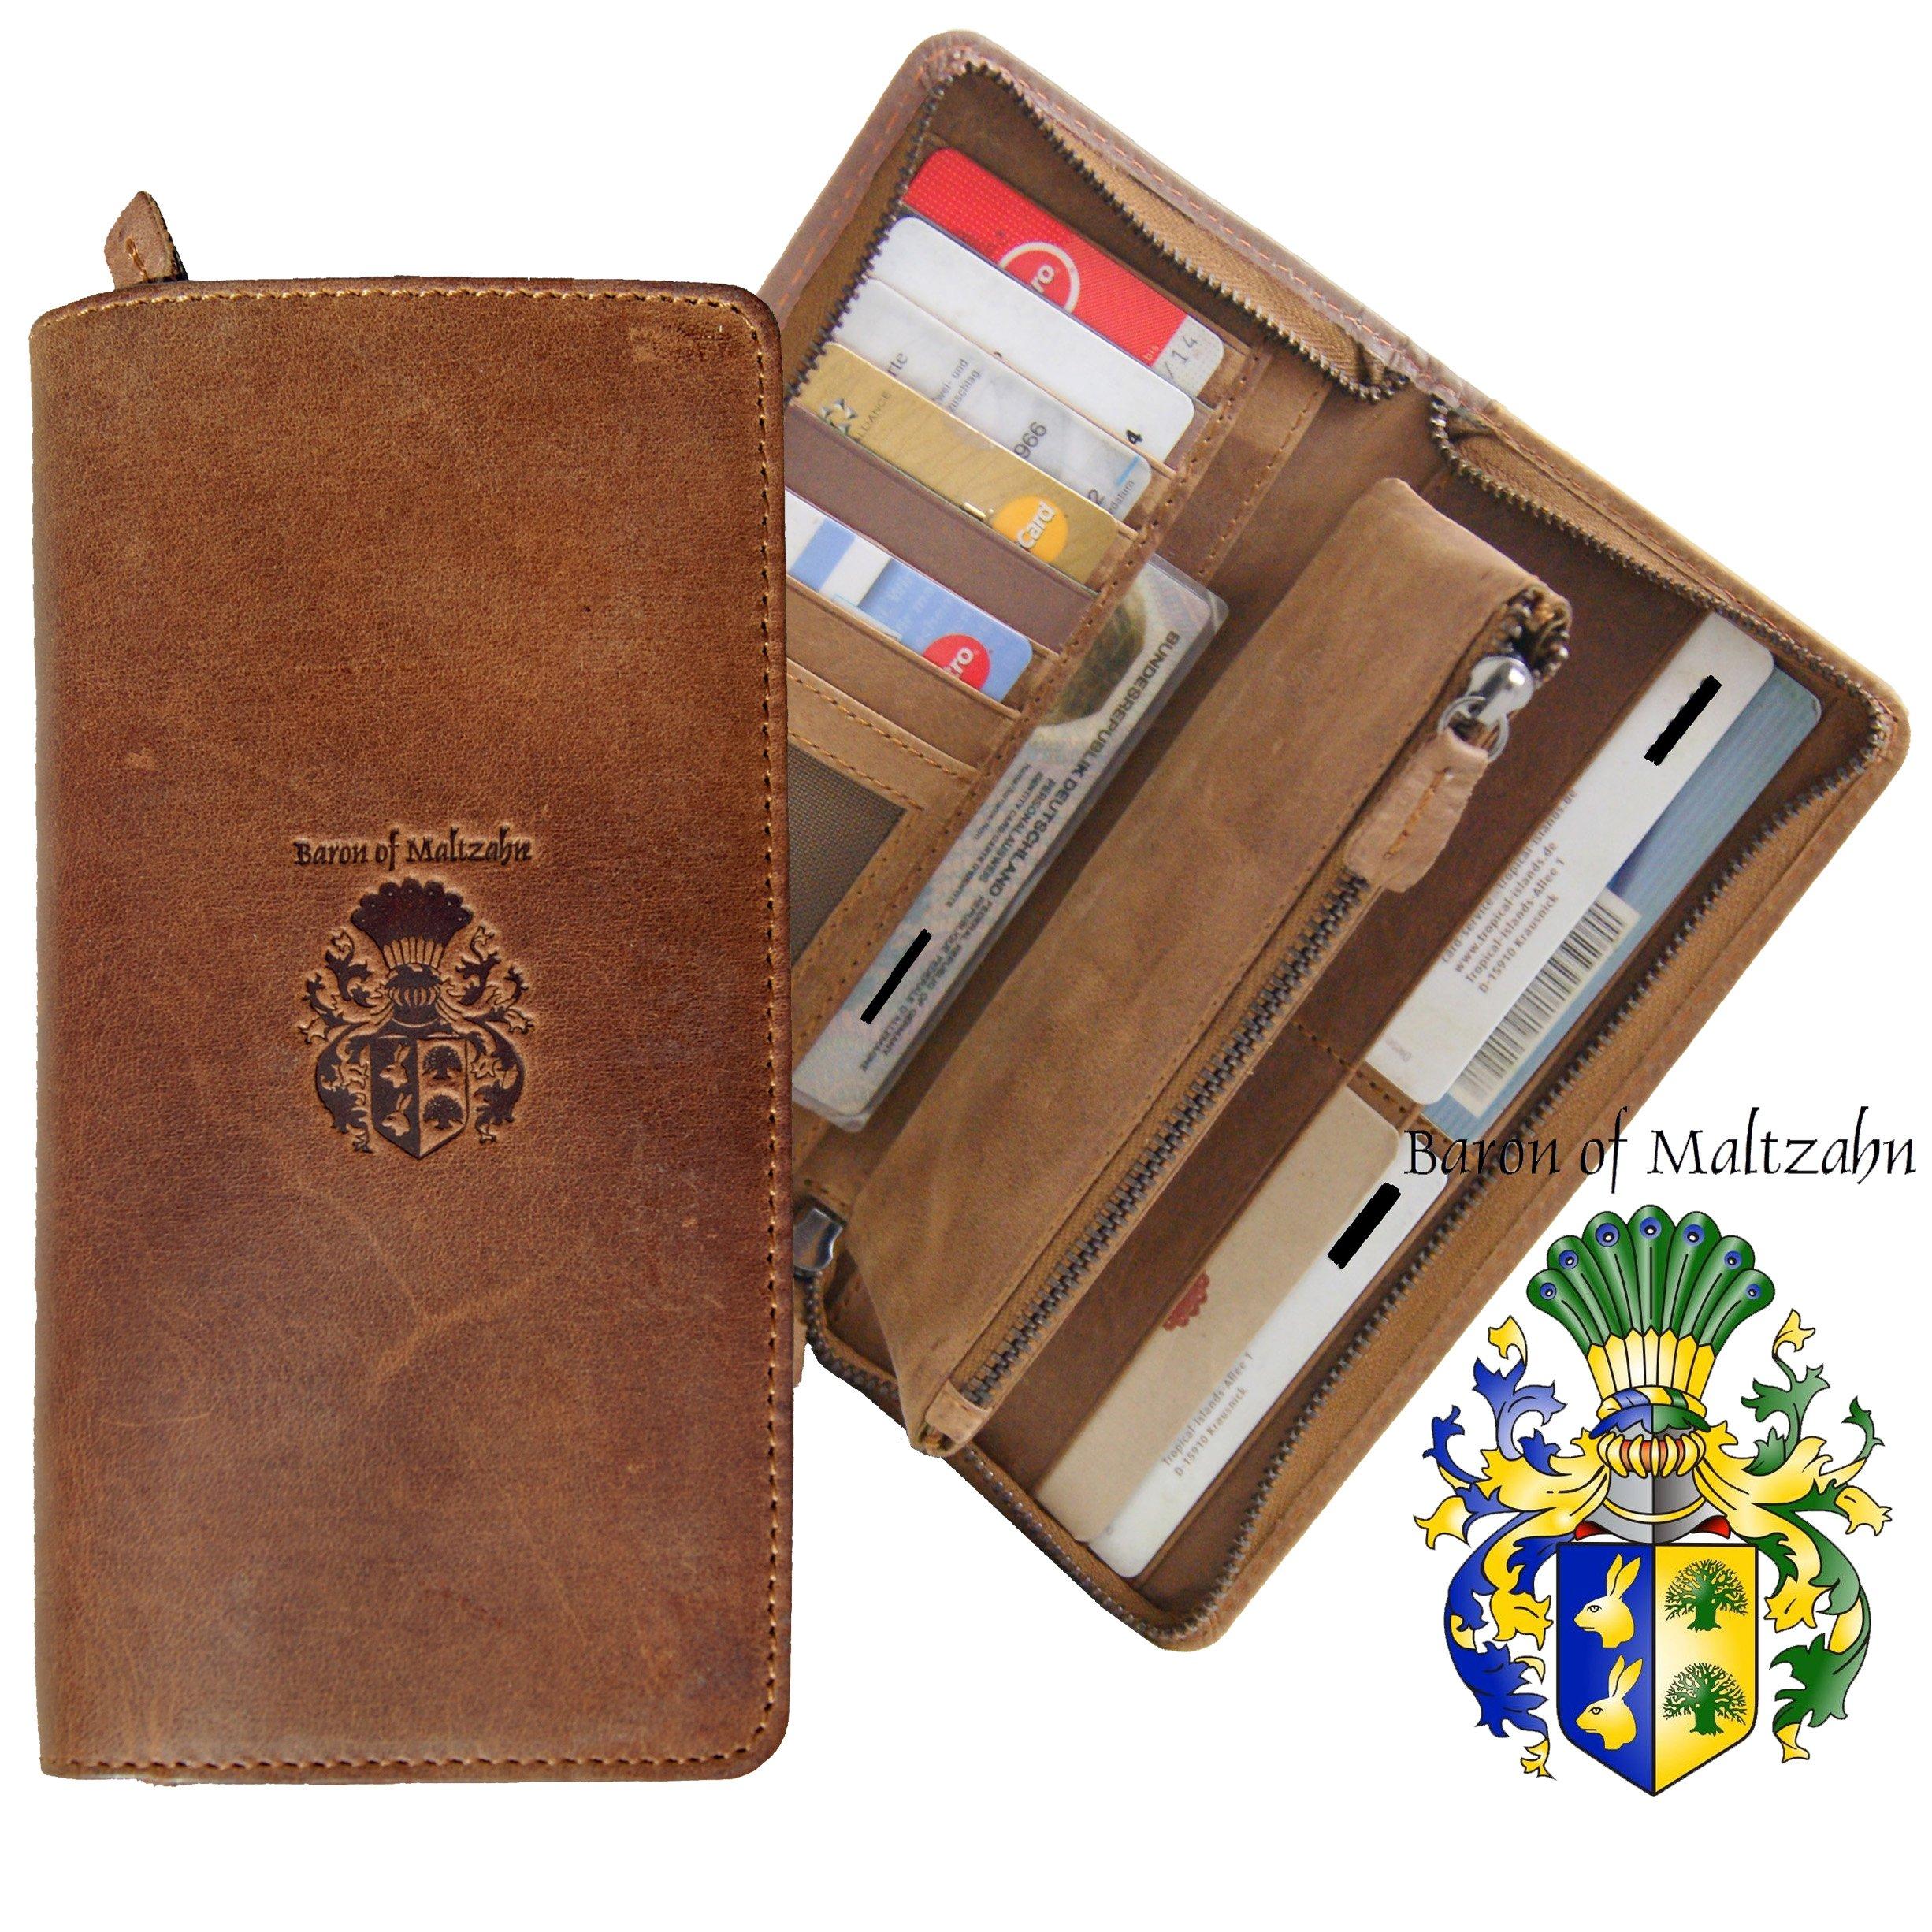 Men/'s wallet BARON of MALTZAHN Purse Portemonnaie GETTY brown leather